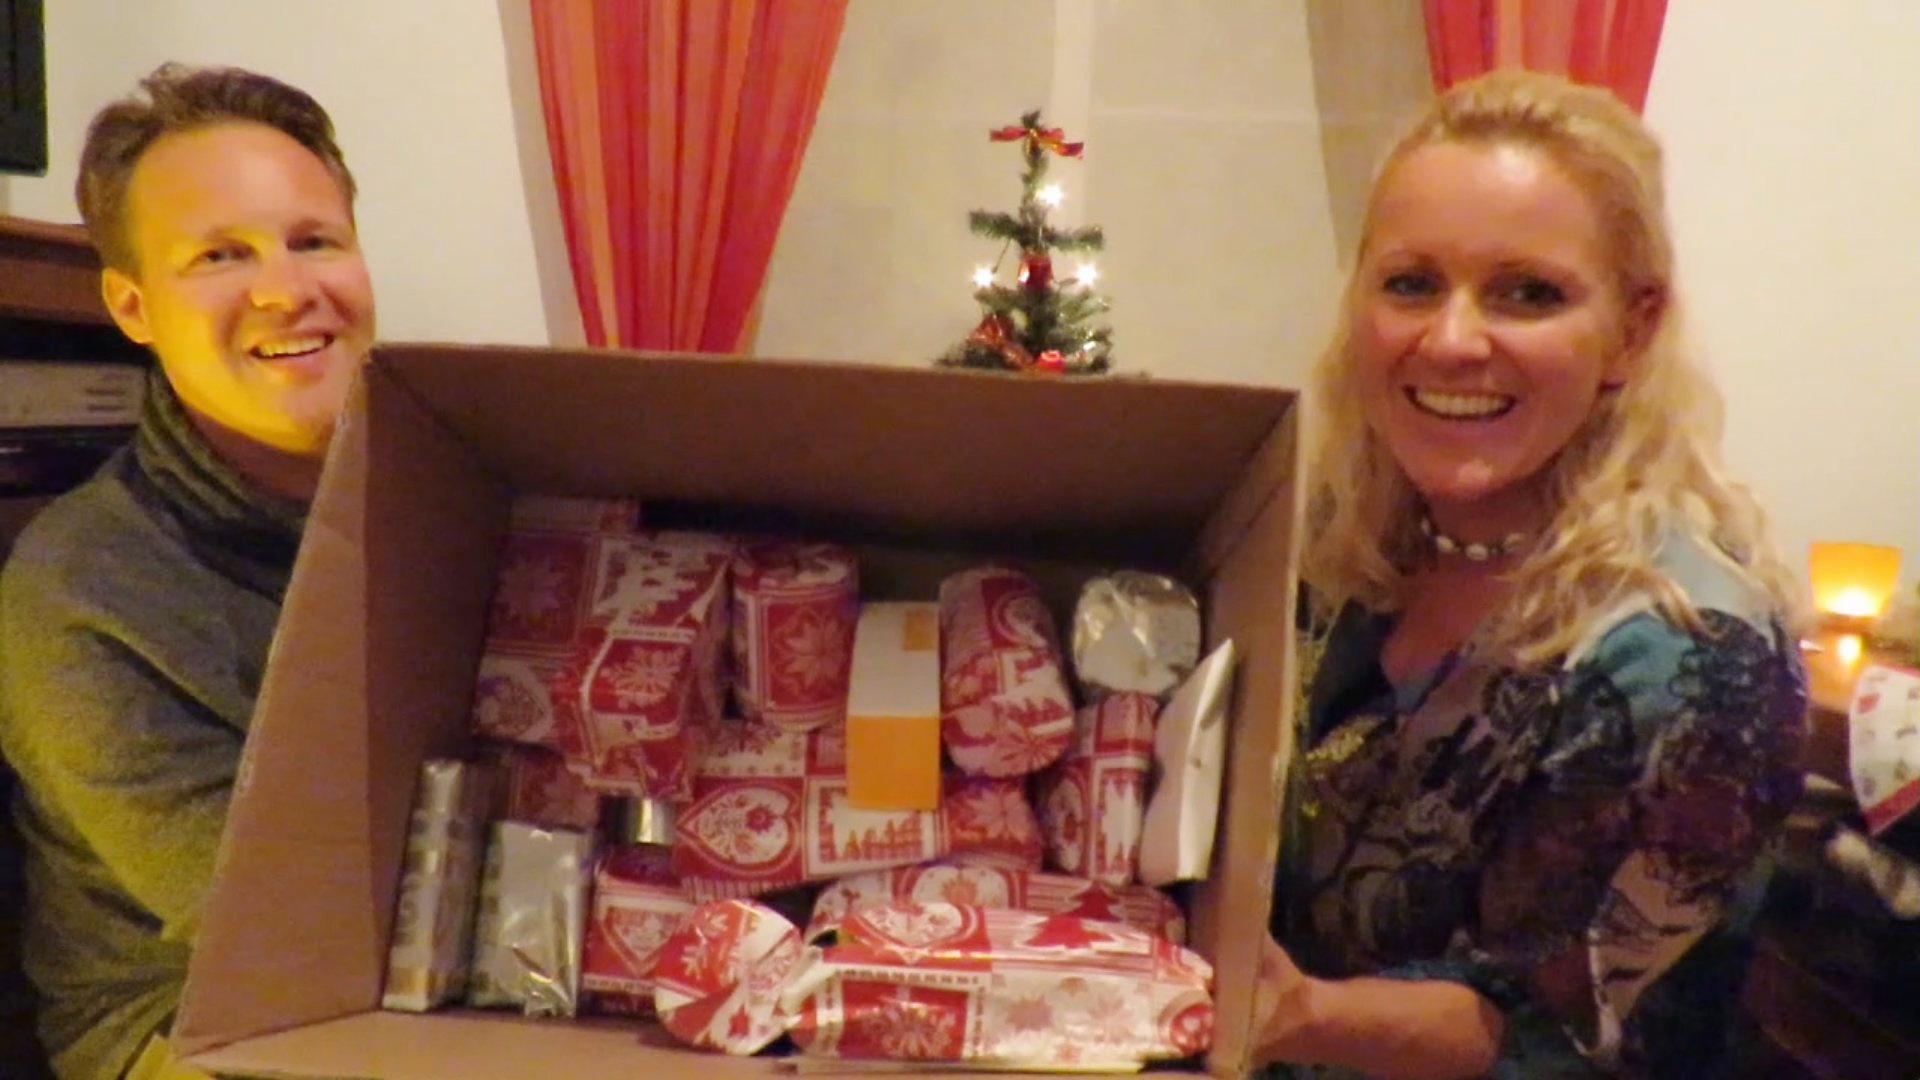 Mama´s Weihnachtspaket kam noch rechtzeitig an und wir haben uns über viele Kleinigkeiten gefreut